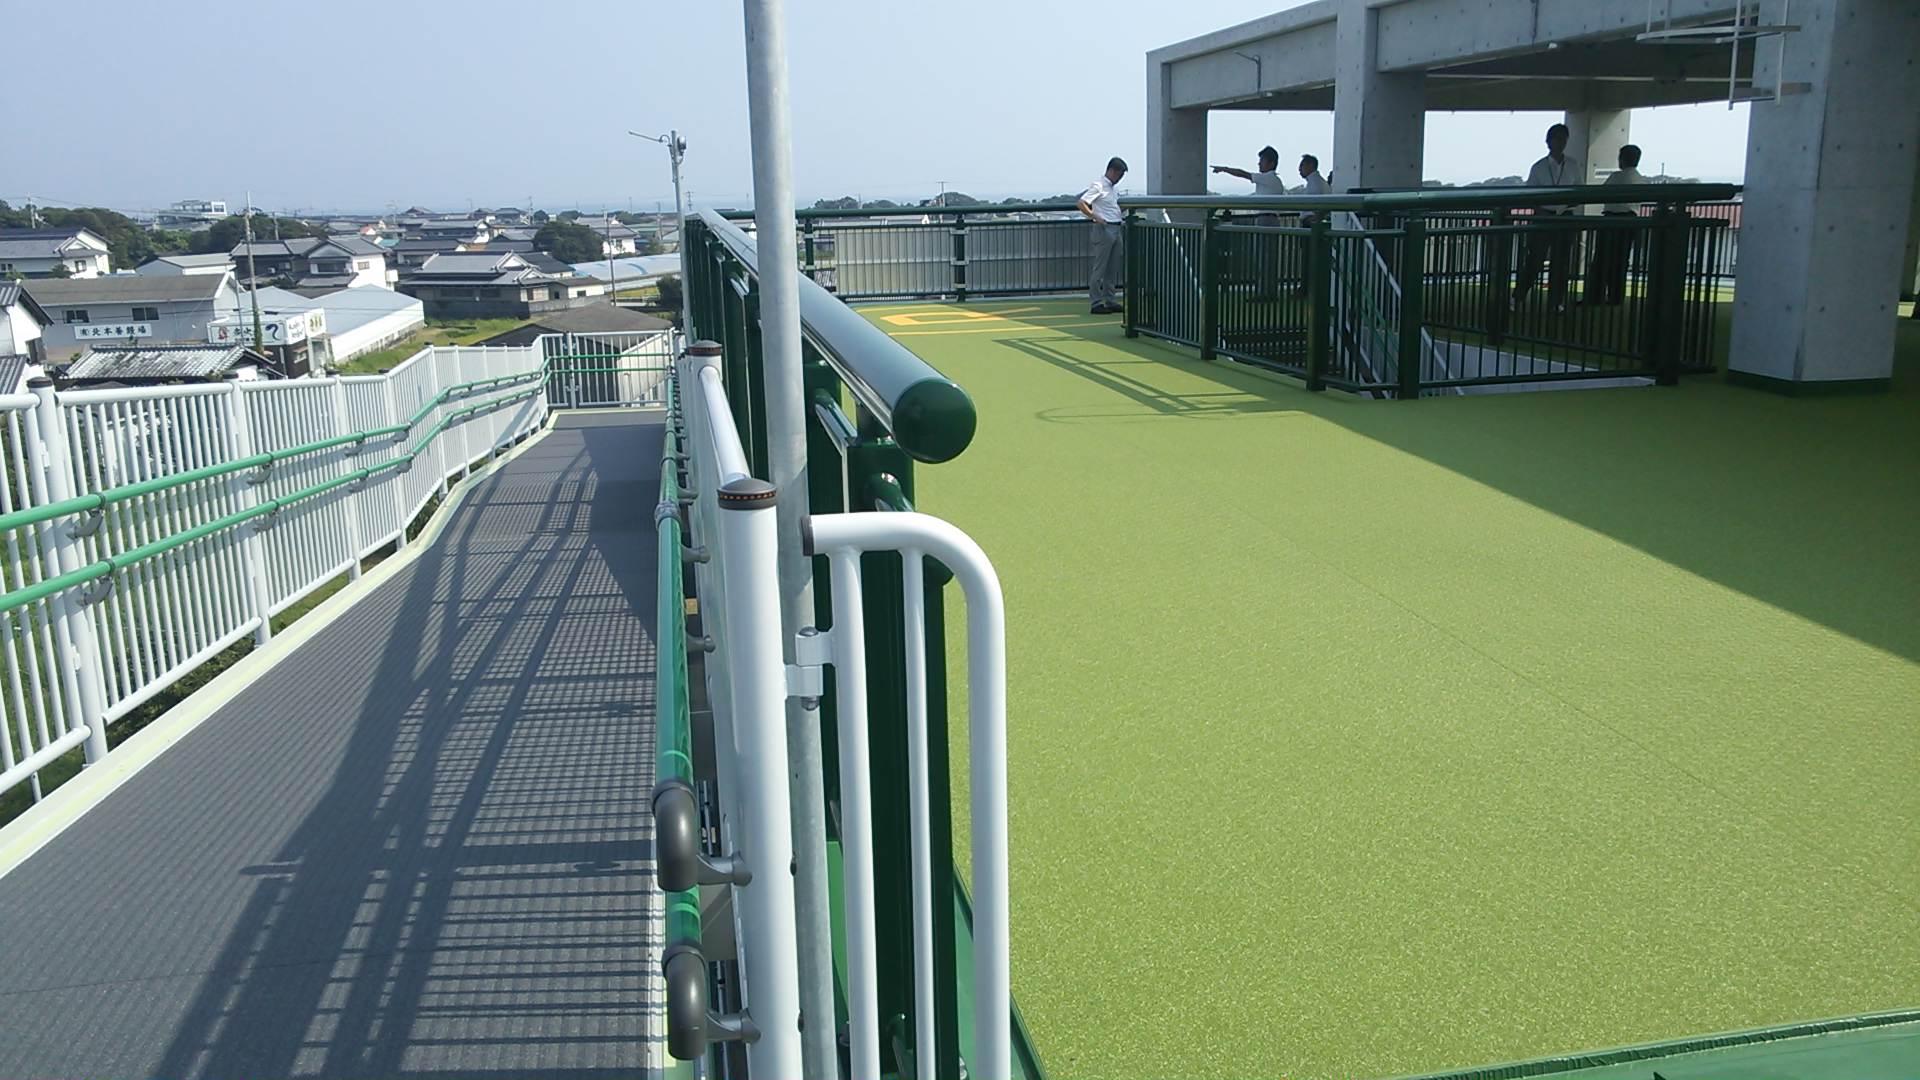 津波避難タワーを見学!